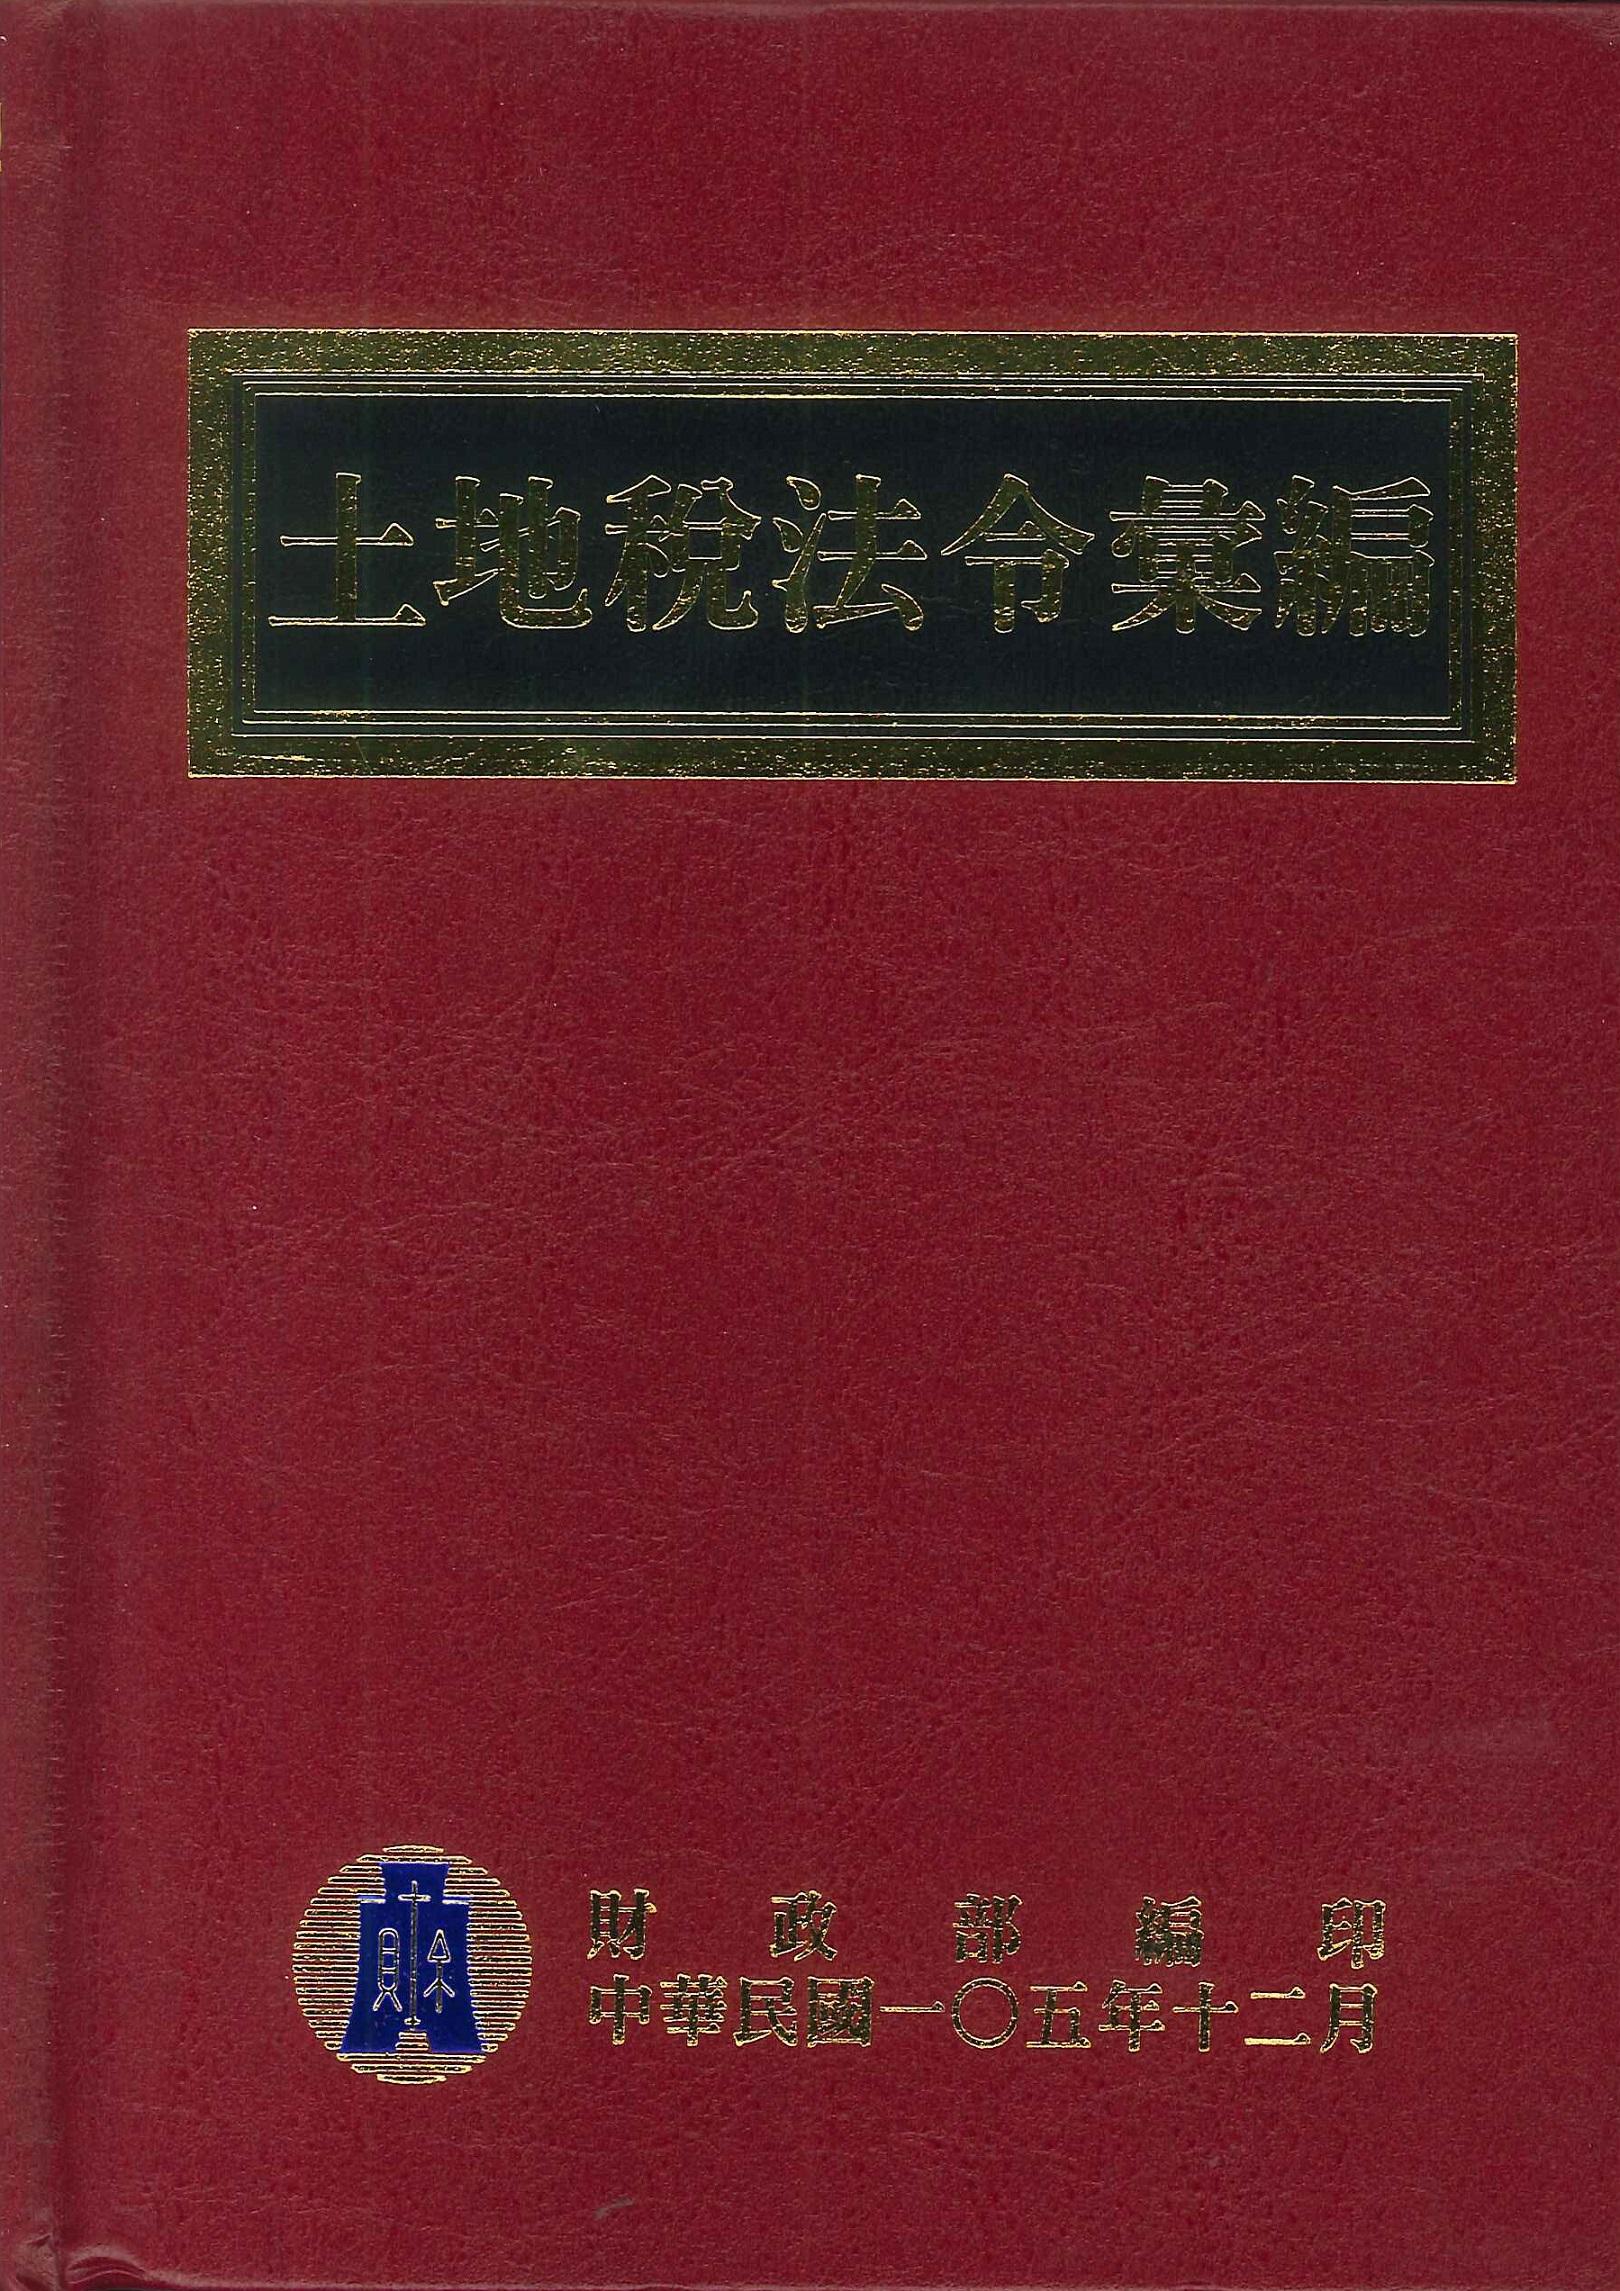 土地稅法令彙編